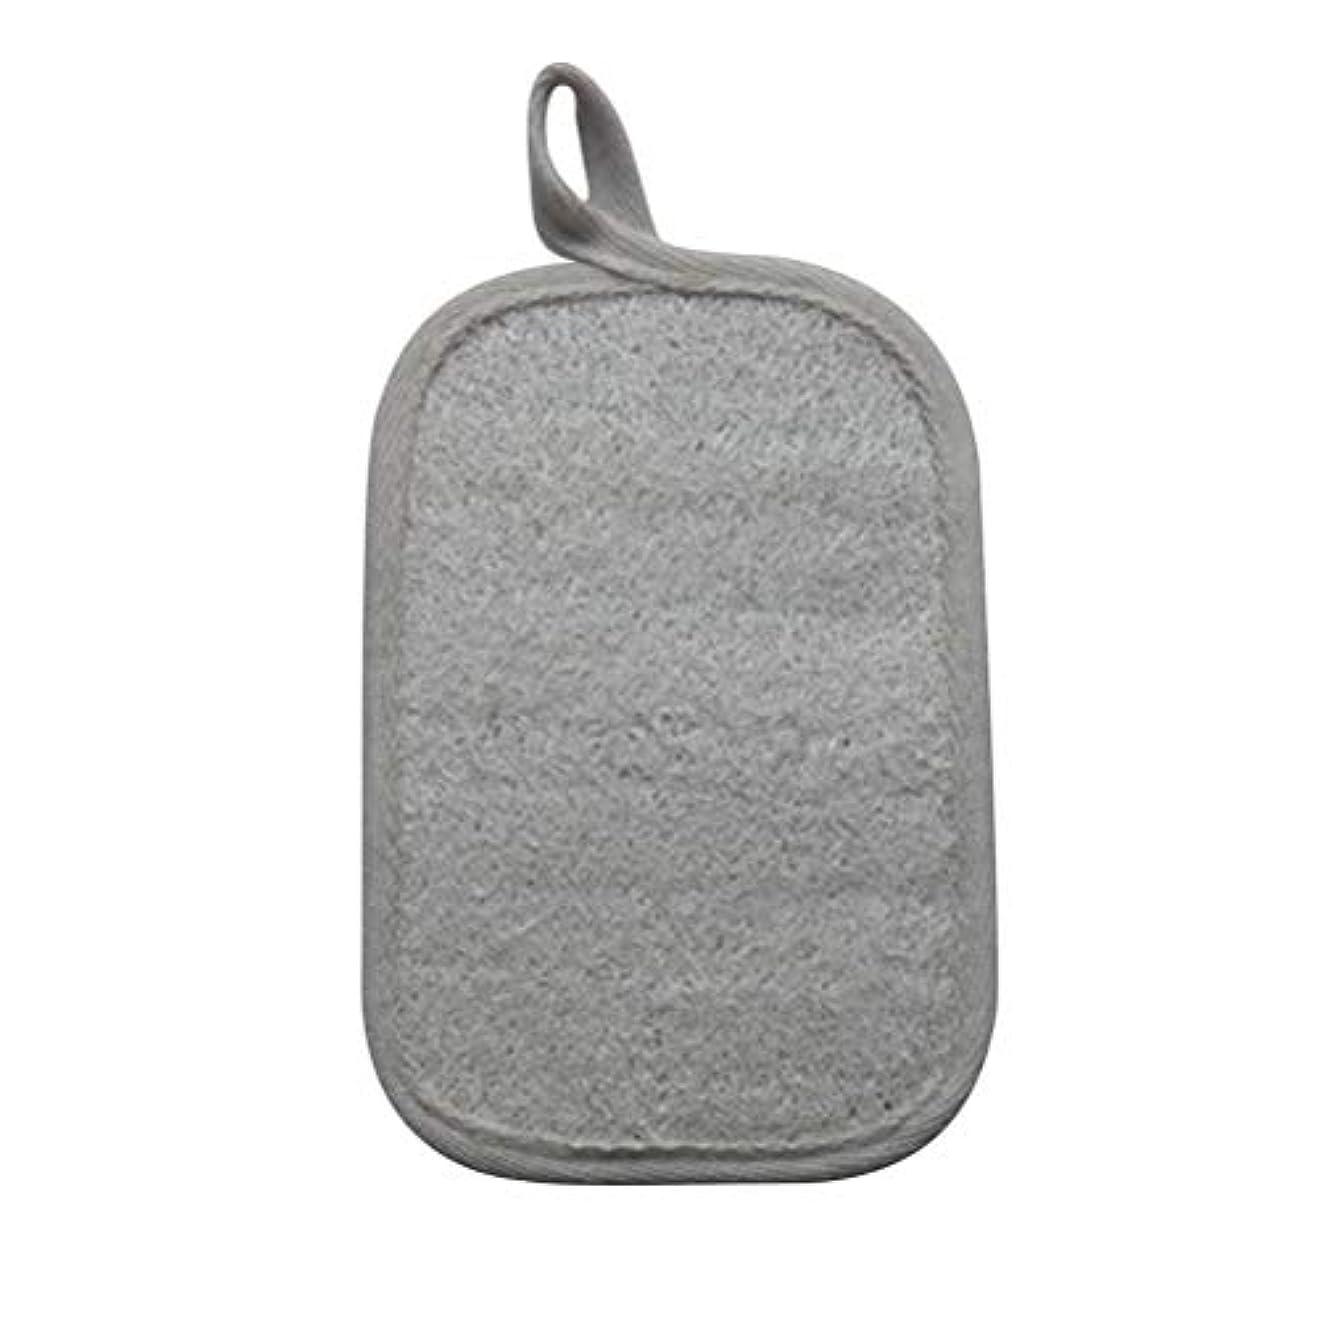 たくさんの暖かさ謝罪SUPVOX Loofahスポンジパッド剥離スクラブスポンジバスシャワースクラバーLoofa手袋